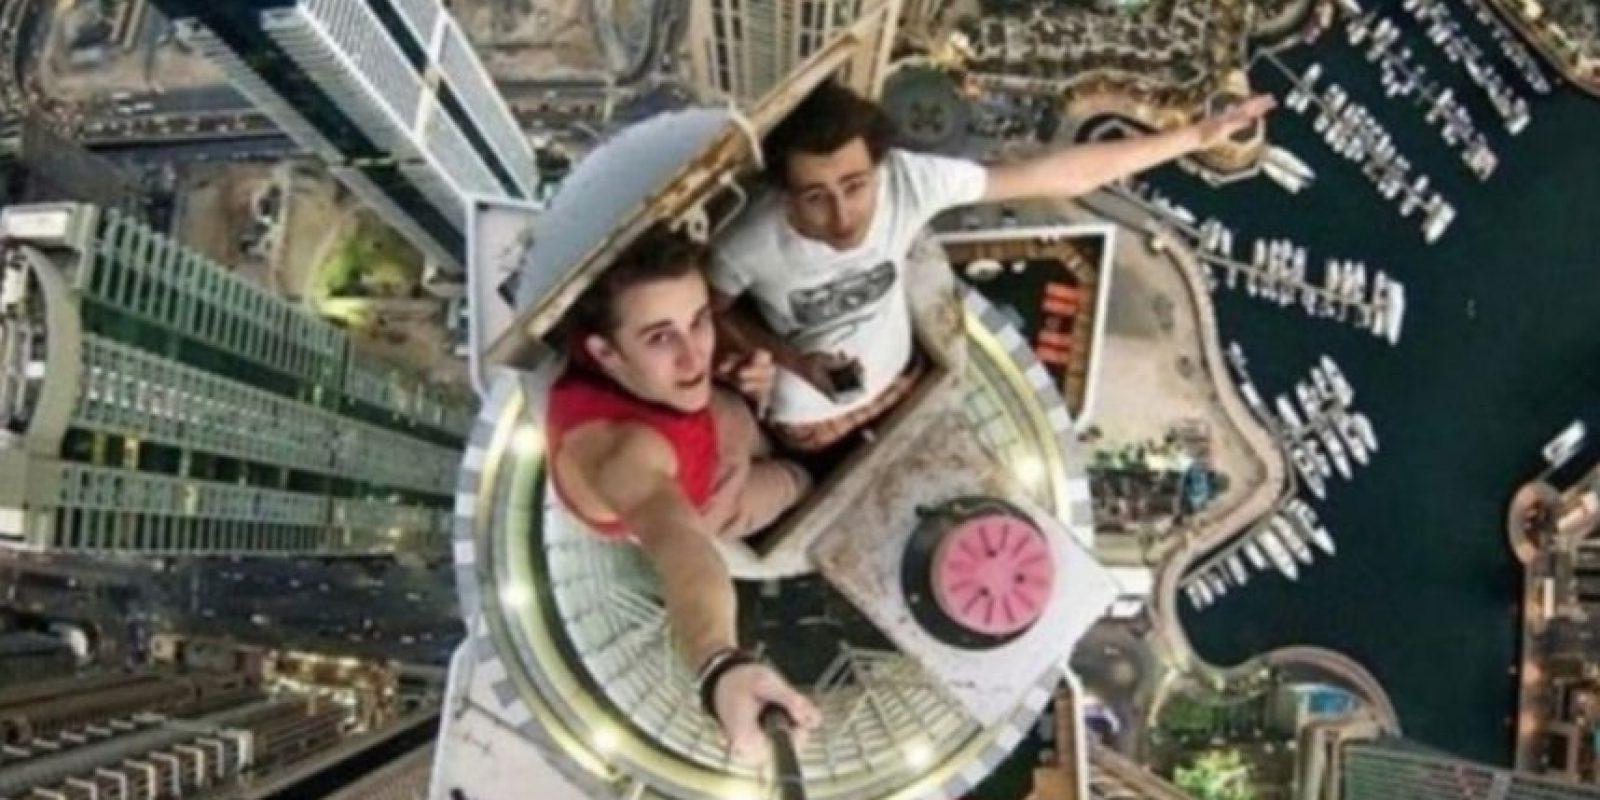 Los rascacielos están de moda para los selfies. Foto:Vía Amusingplanet